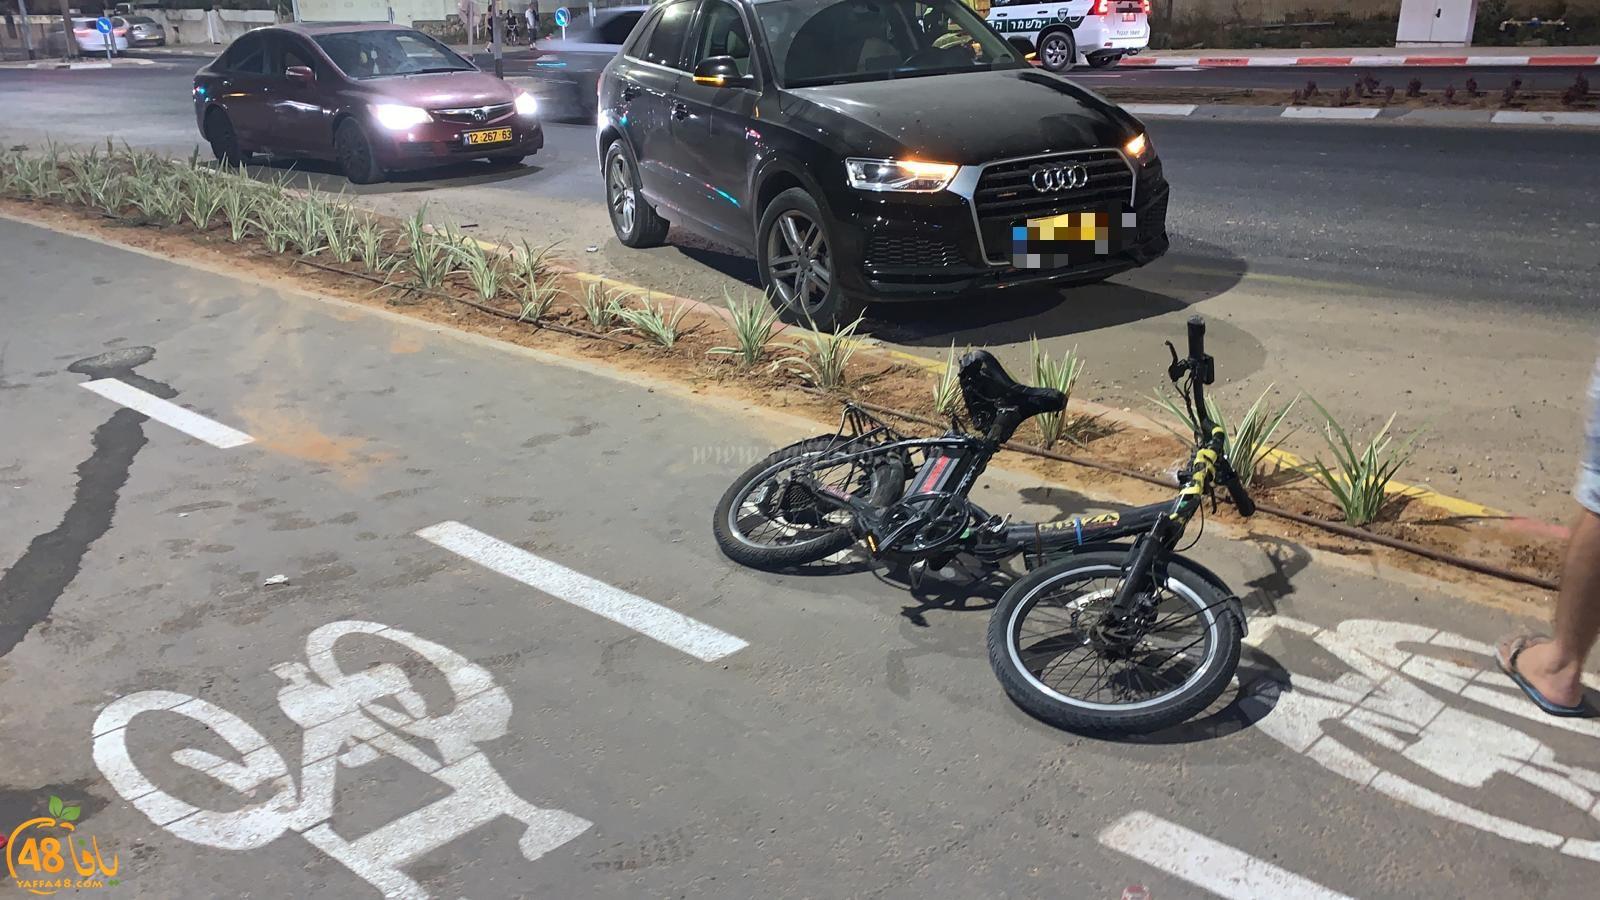 الرملة: إصابة متوسطة لراكب دراجة كهربائية بحادث دهس